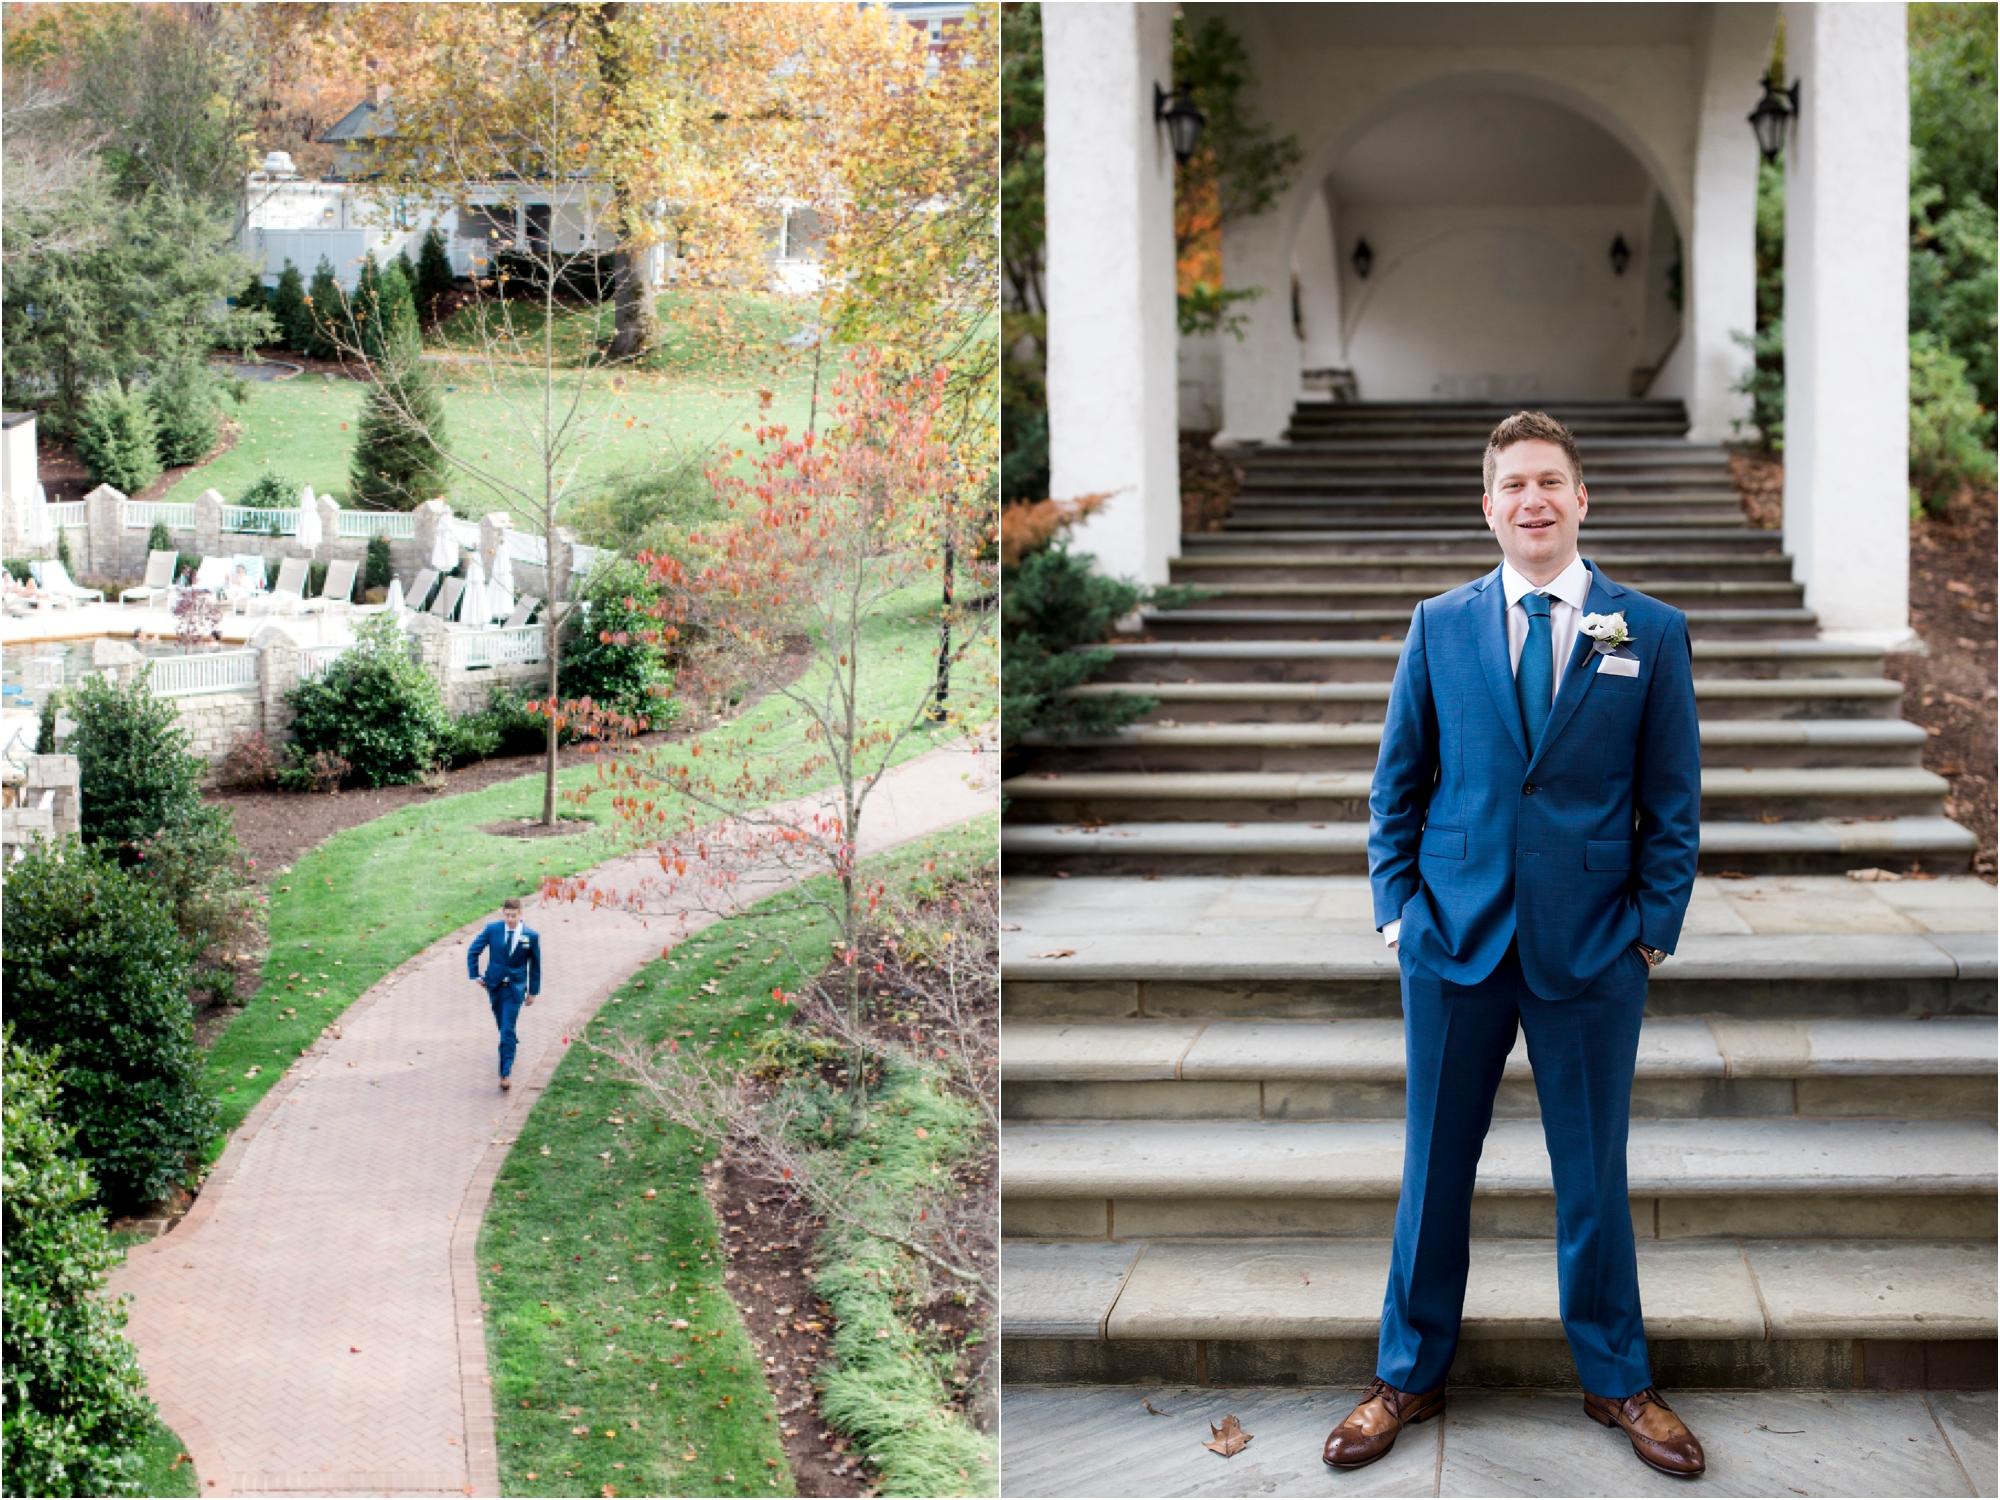 brooke-ilya-fall-virginia-omni-homestead-resort-wedding-photos_0016.jpg